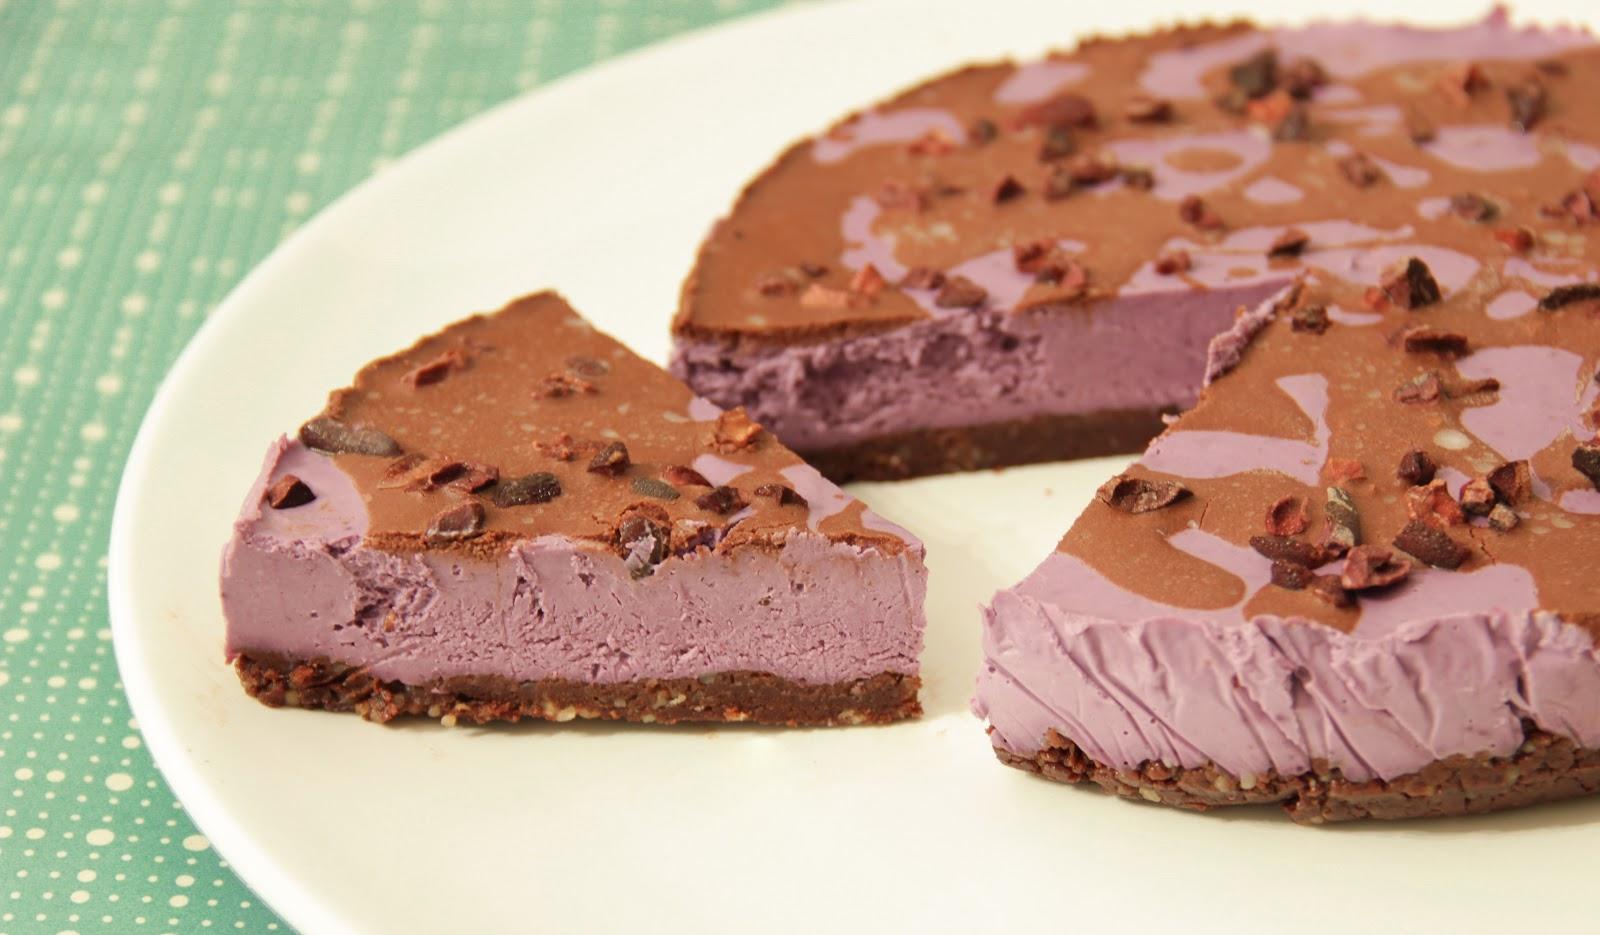 chocolate tiene acido urico